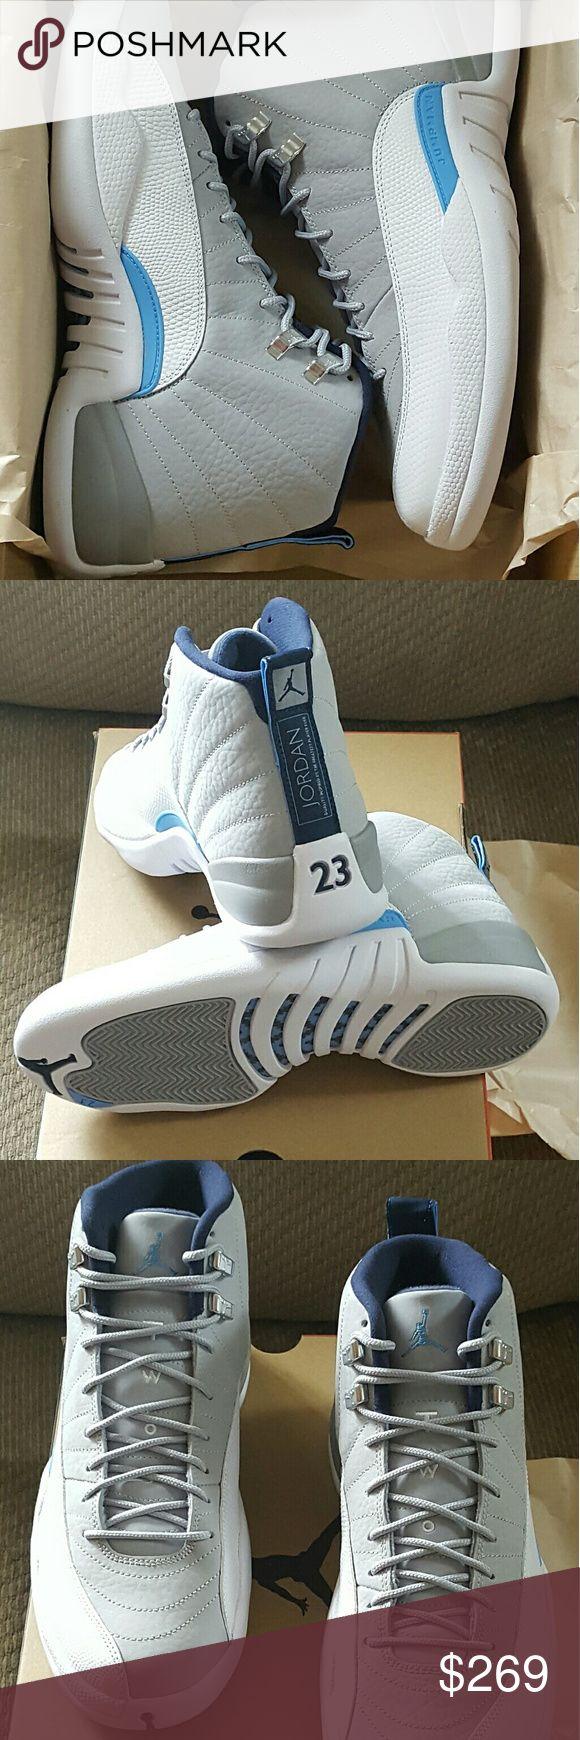 Air Jordan 12 Retro UNC 100% authentic Air Jordan 12 Retro UNC deadstock comes with original box original receipt size 10 Nike Shoes Athletic Shoes